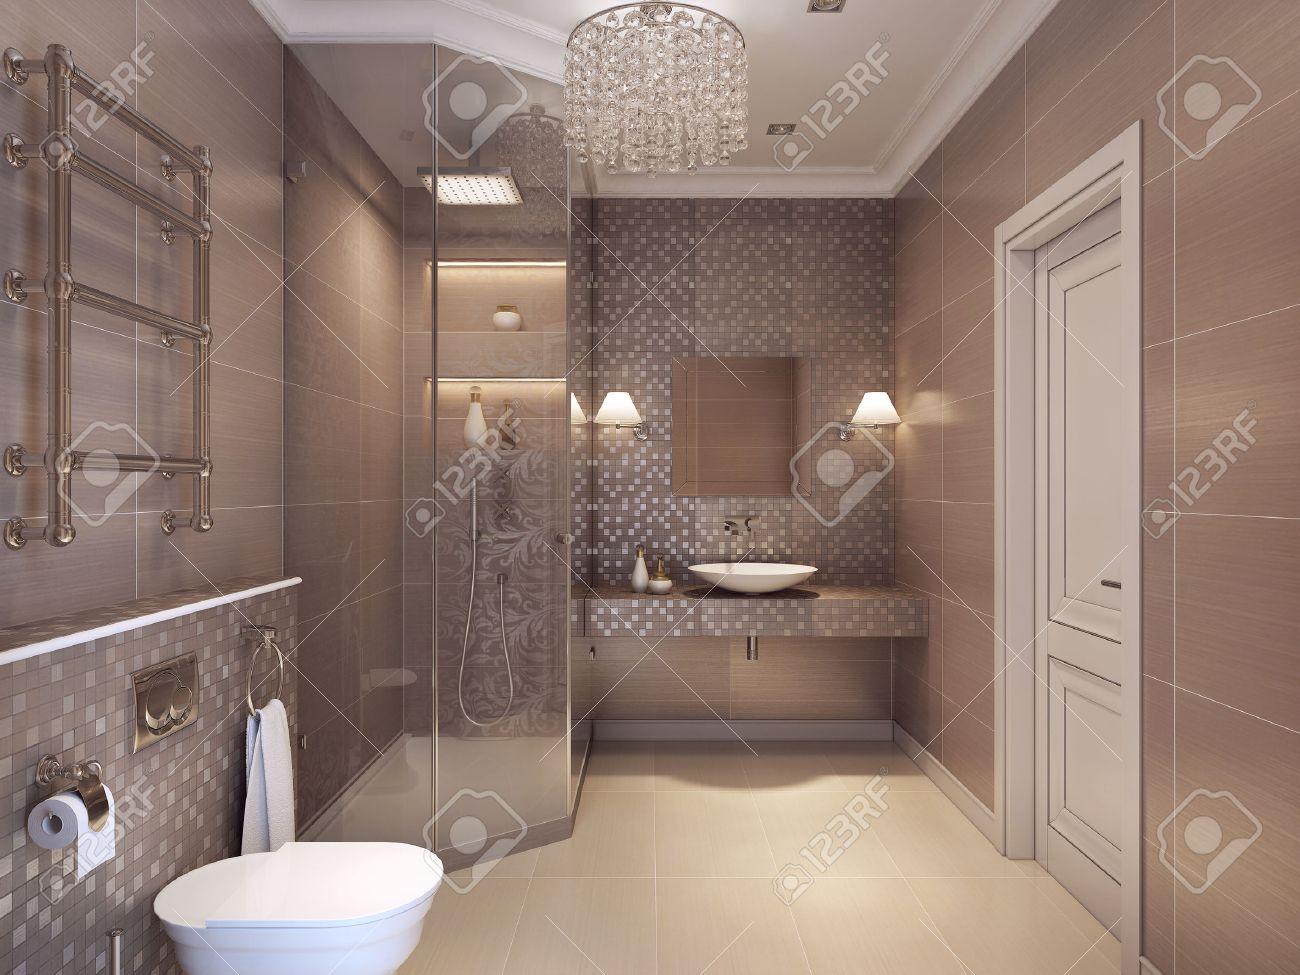 Piastrelle da bagno moderne: moderno e rivoluzionario rivestimento ...